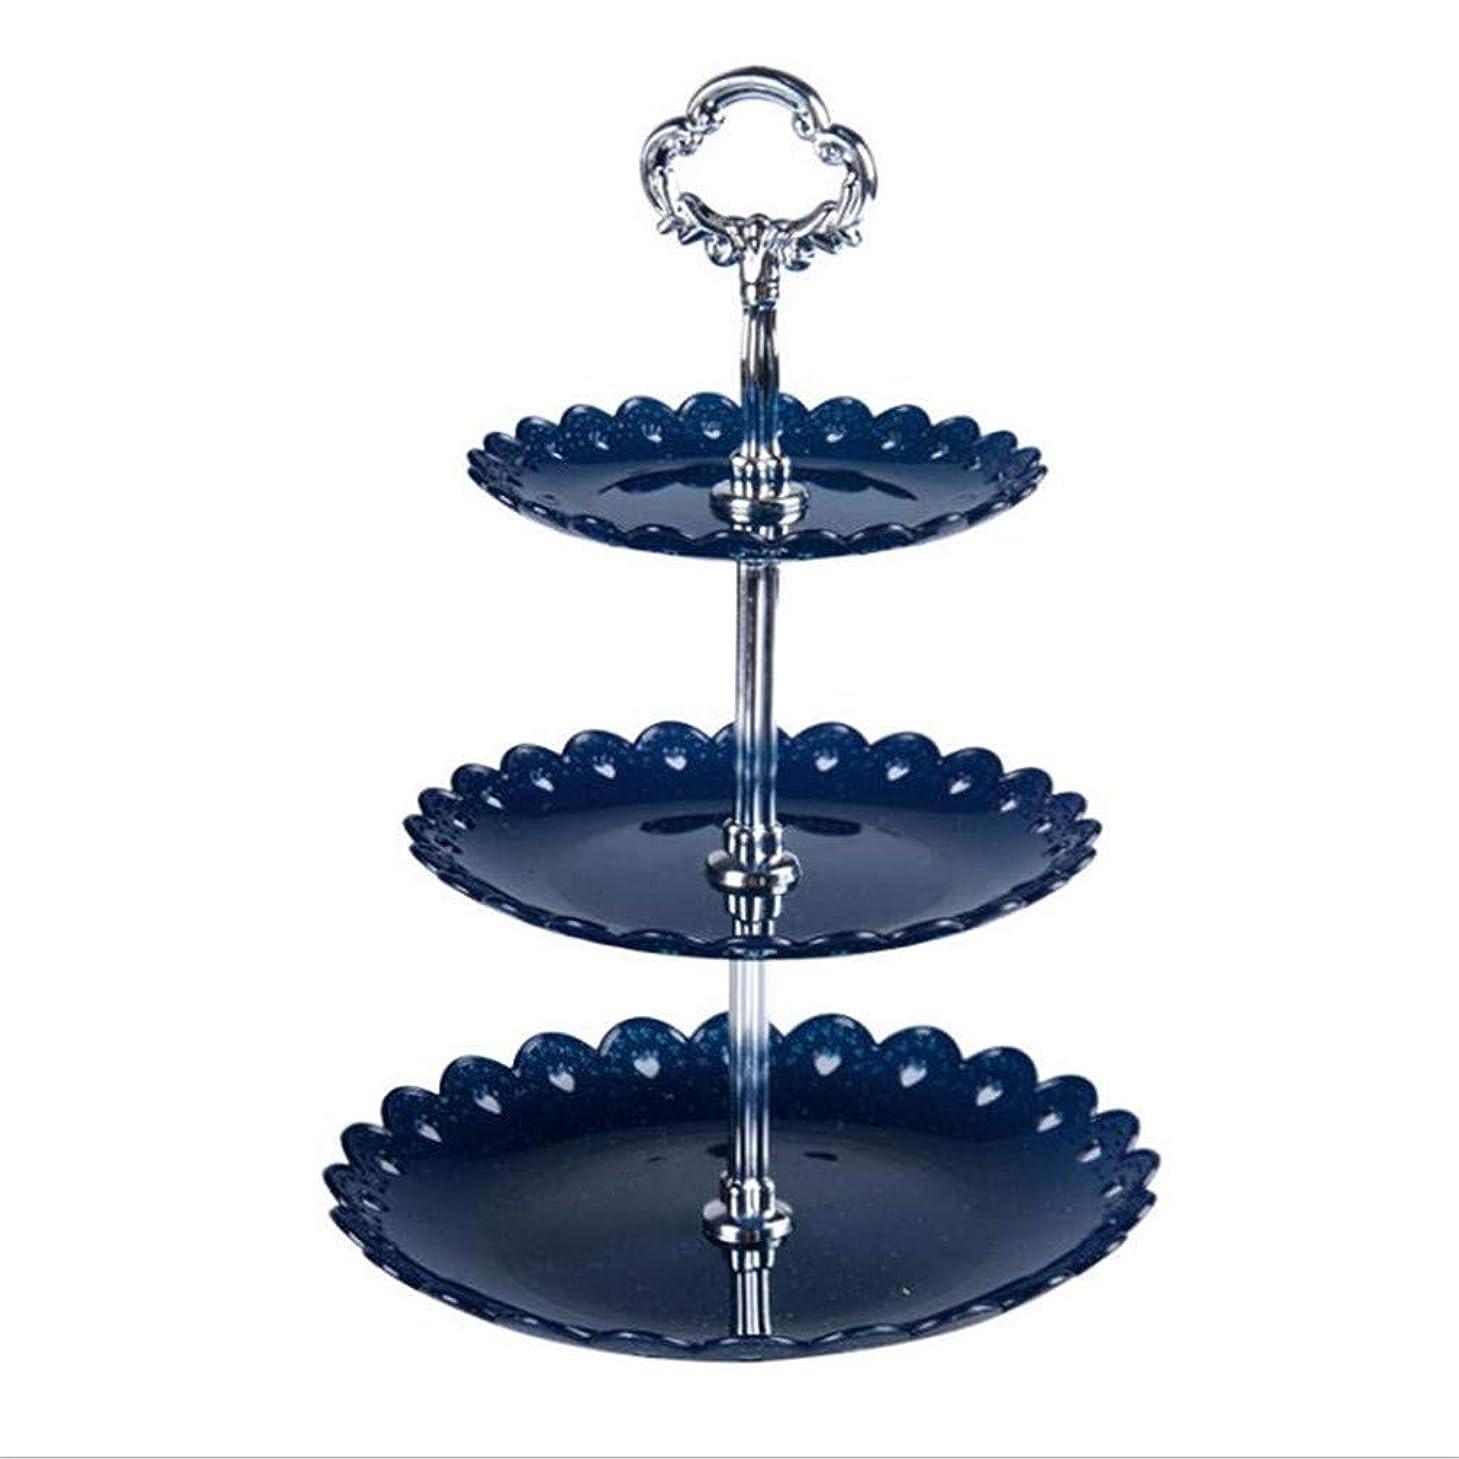 事業付添人うそつきToporchid 3層フルーツホルダーラック結婚式誕生日パーティーケーキプレートアフタヌーンティーケーキトレイ(ブルー)